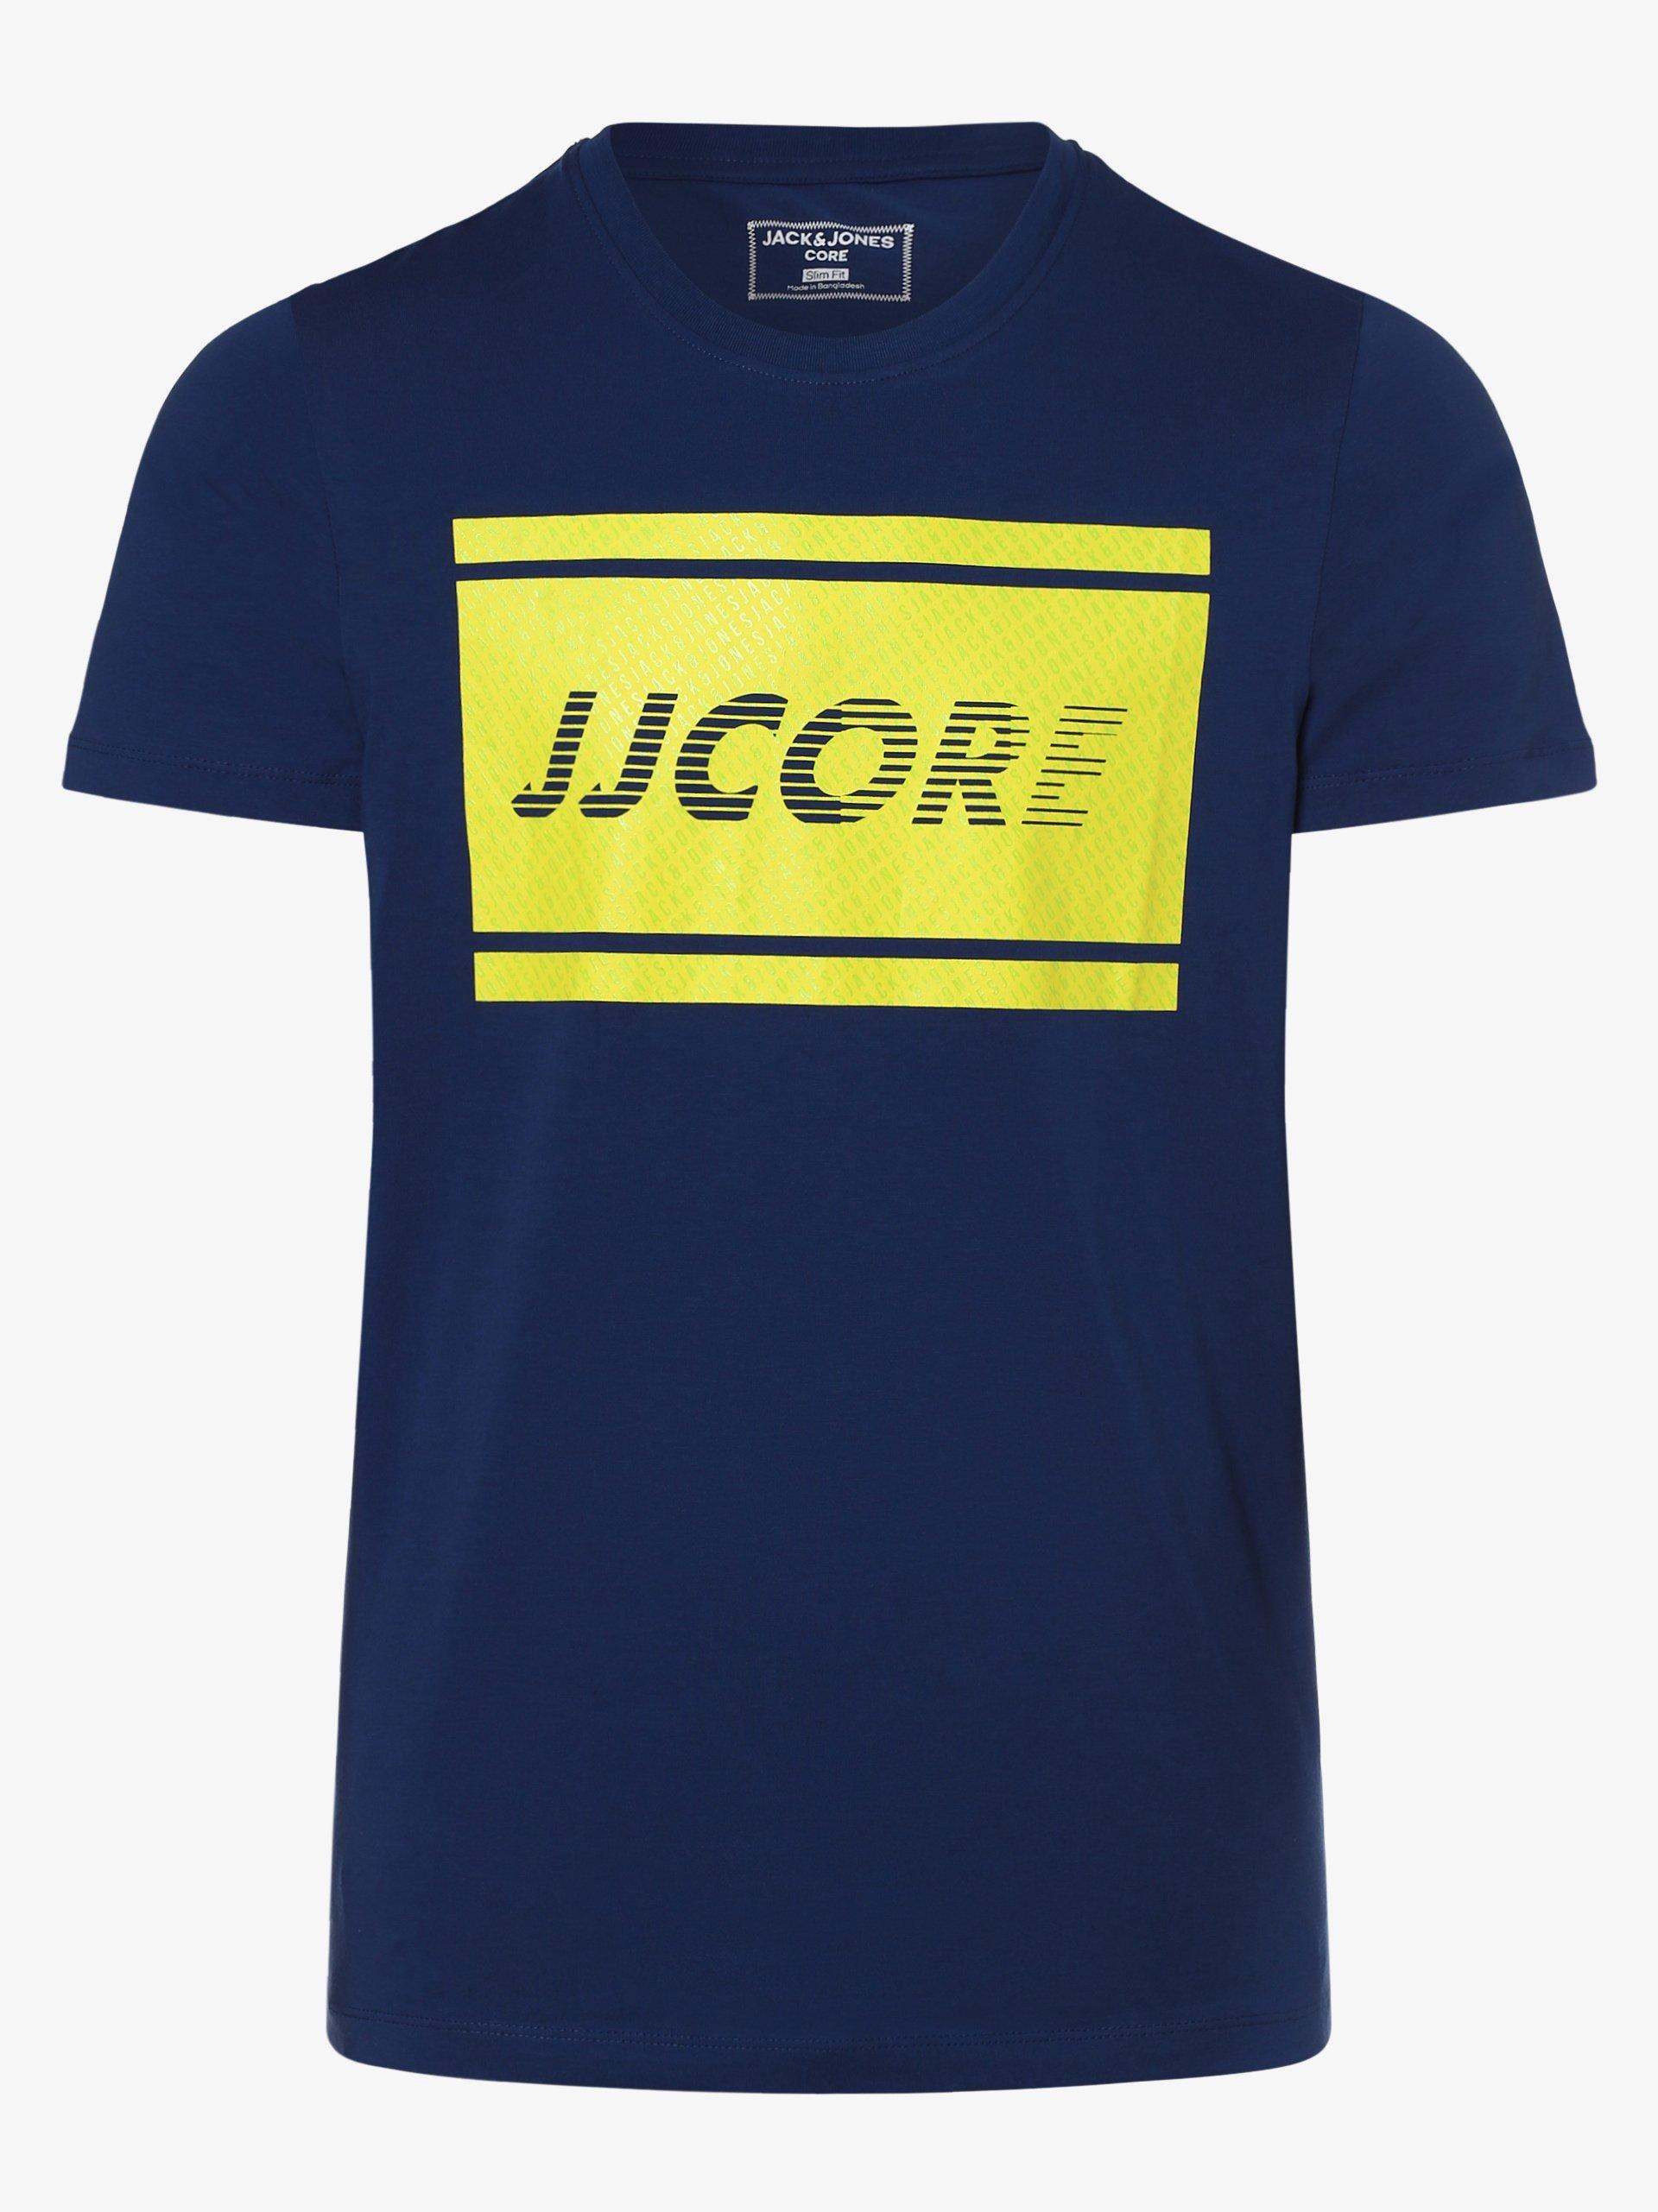 Jack & Jones Herren T-Shirt - Jcoidea